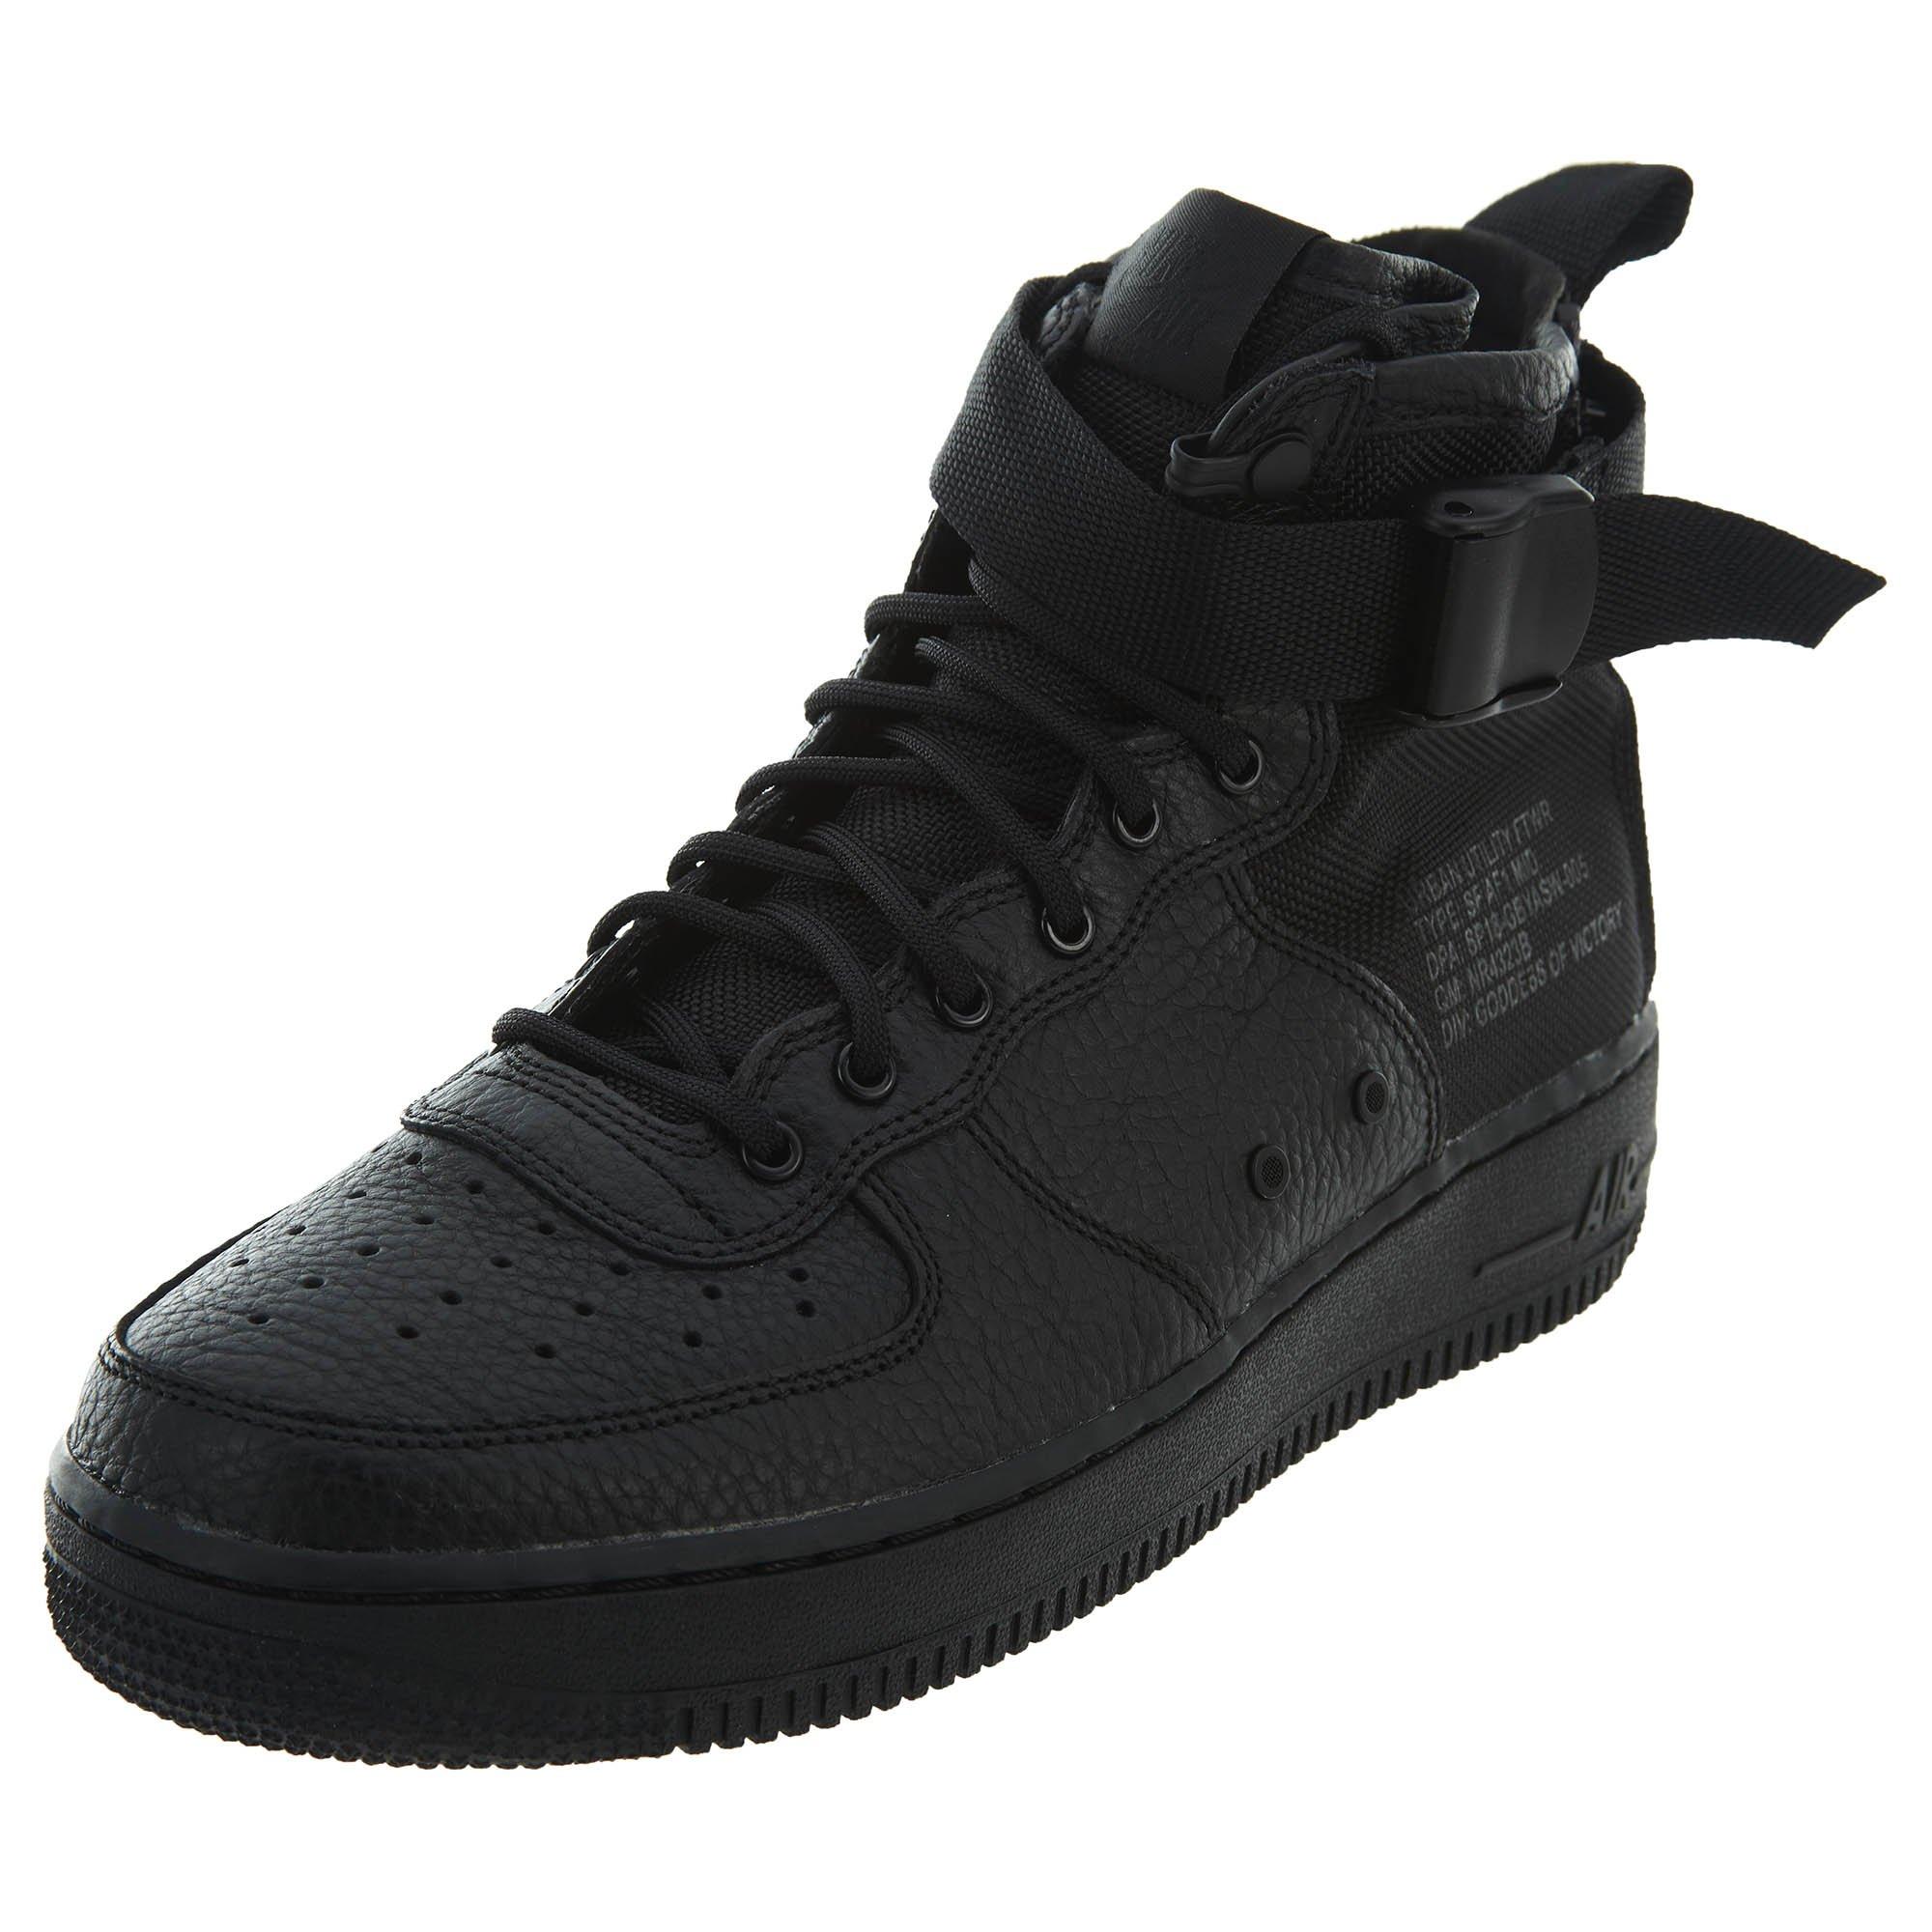 Nike SF AF1 Air Force Mid GS Hi Top Trainers AJ0424 Sneakers Shoes (UK 6 US 6.5Y EU 39, Black Black Black 003)